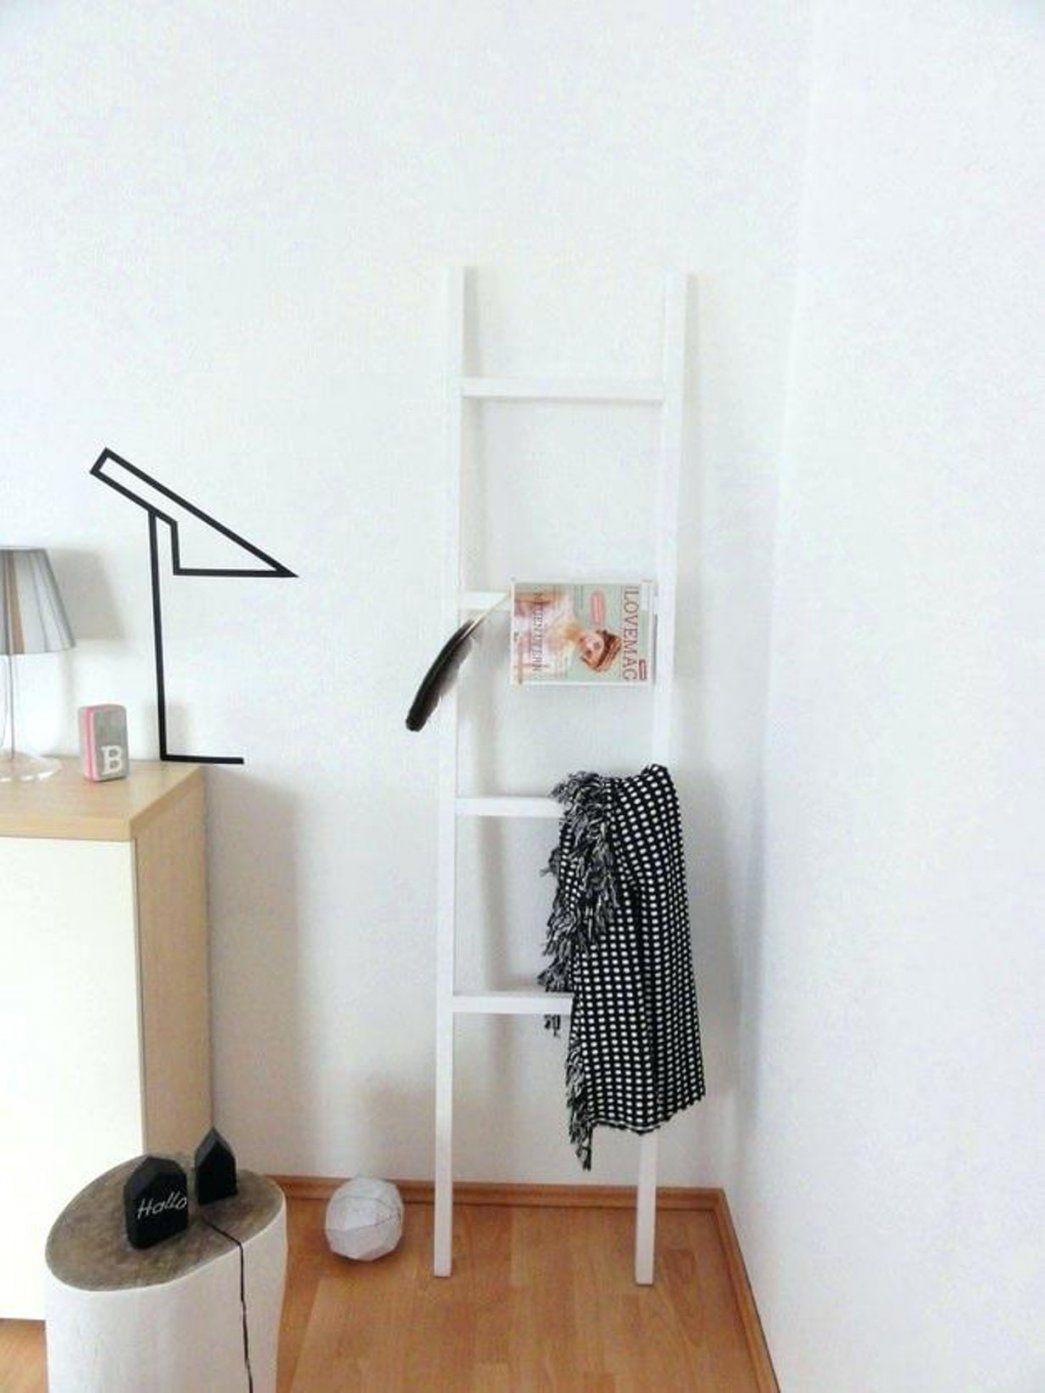 22 Cool Modell Bezieht Sich Auf Stuhl Schlafzimmer  Beste Sammlung von Ablage Für Kleidung Im Schlafzimmer Bild